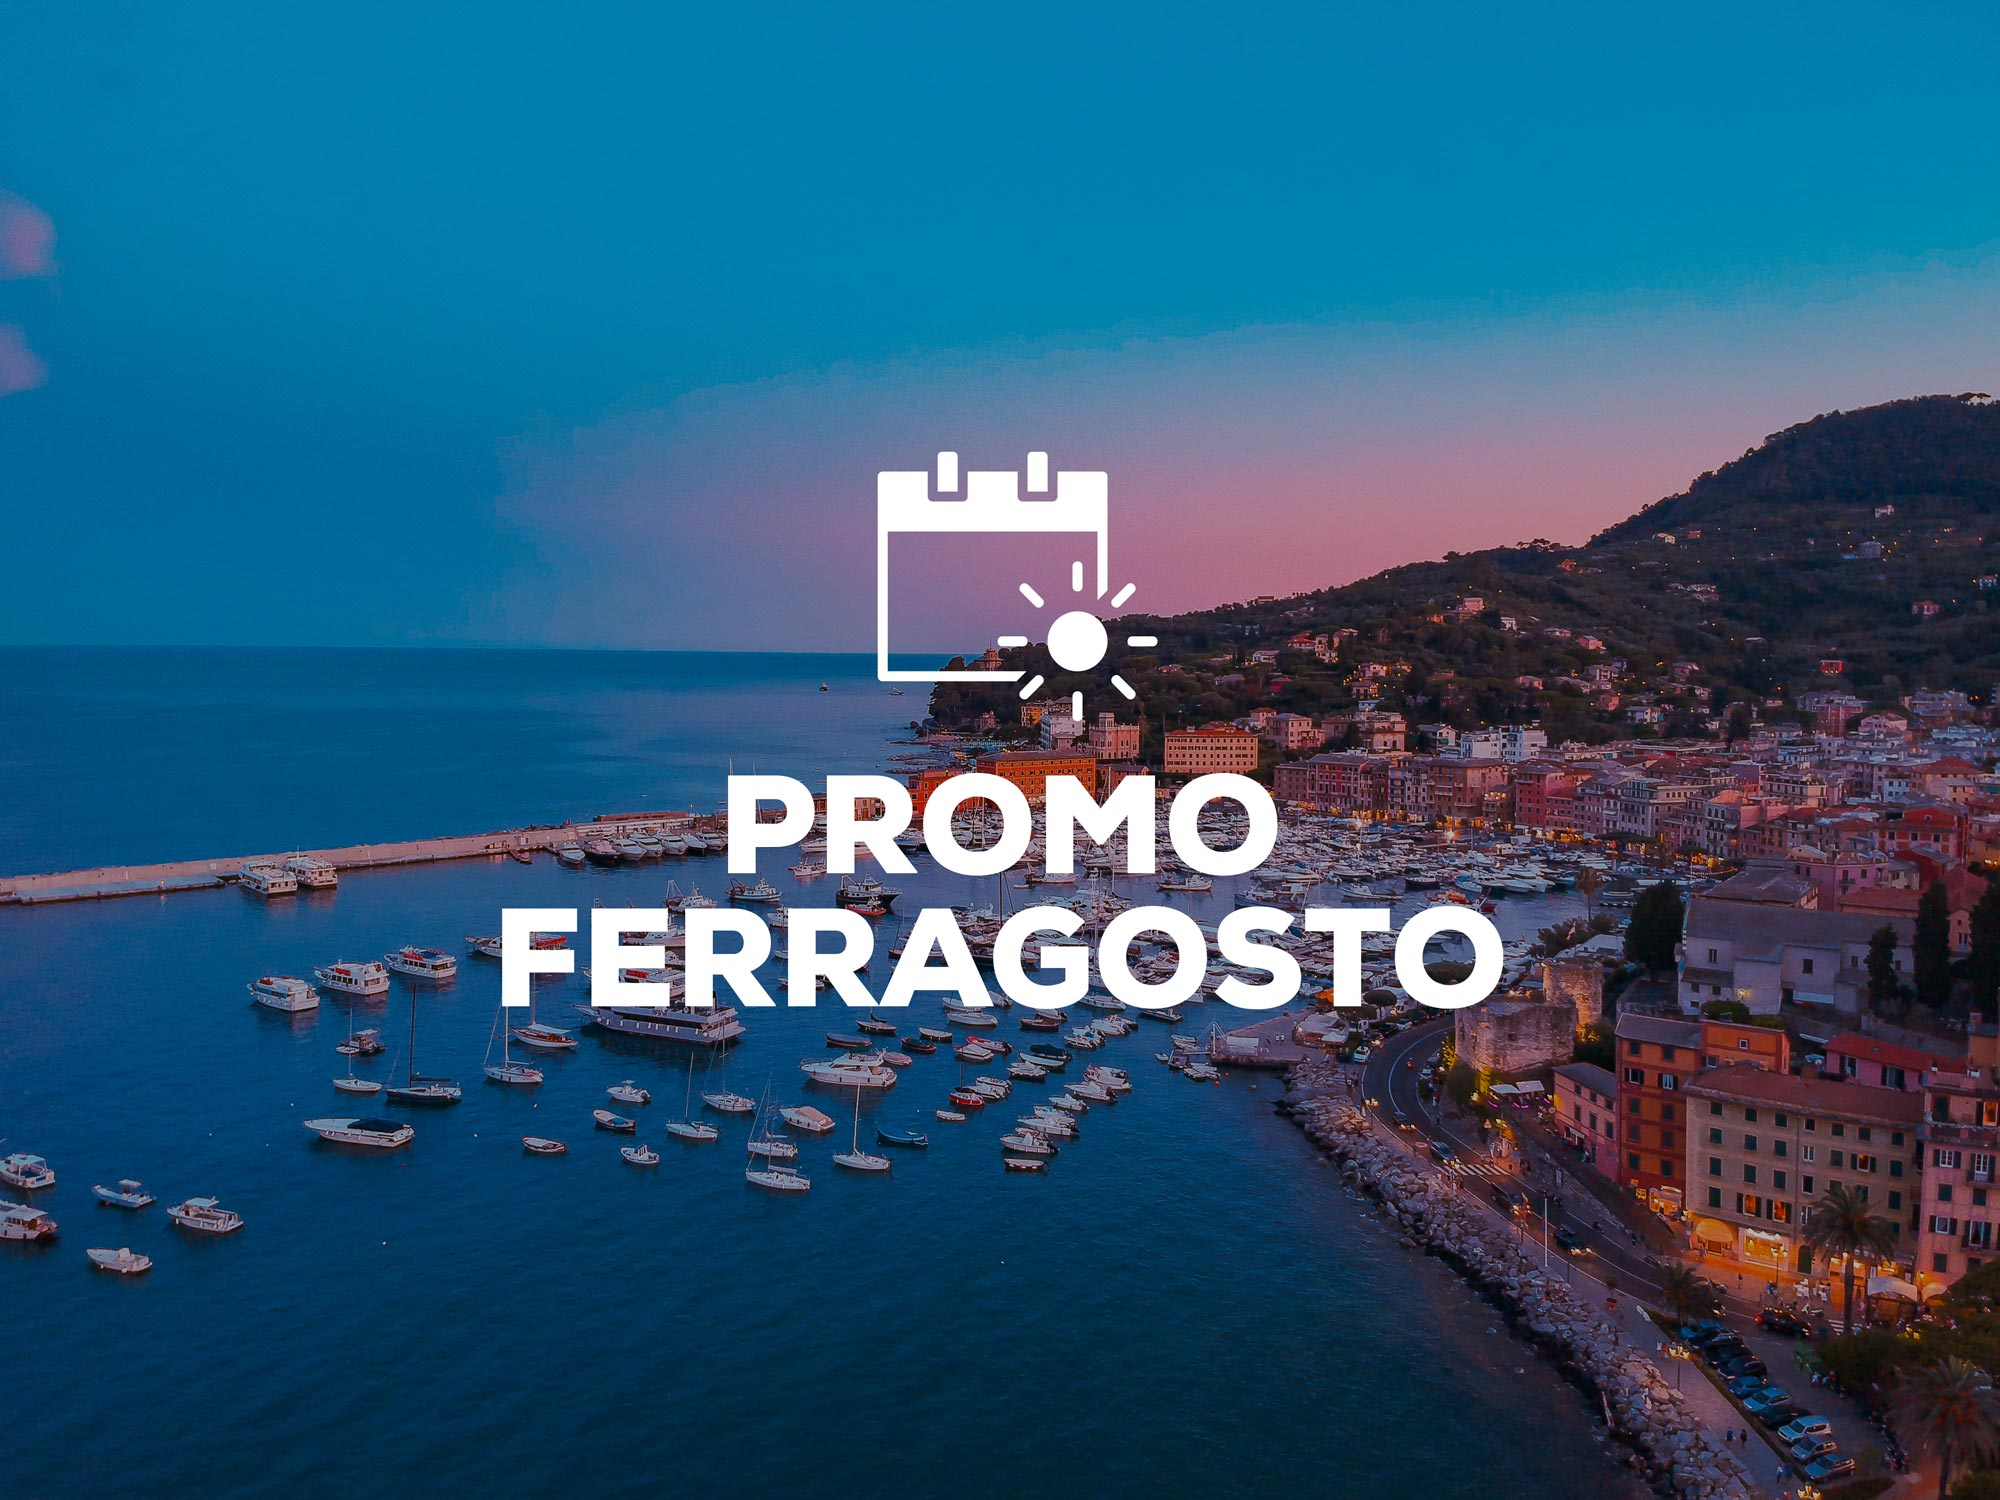 Promo Ferragosto Mi Games